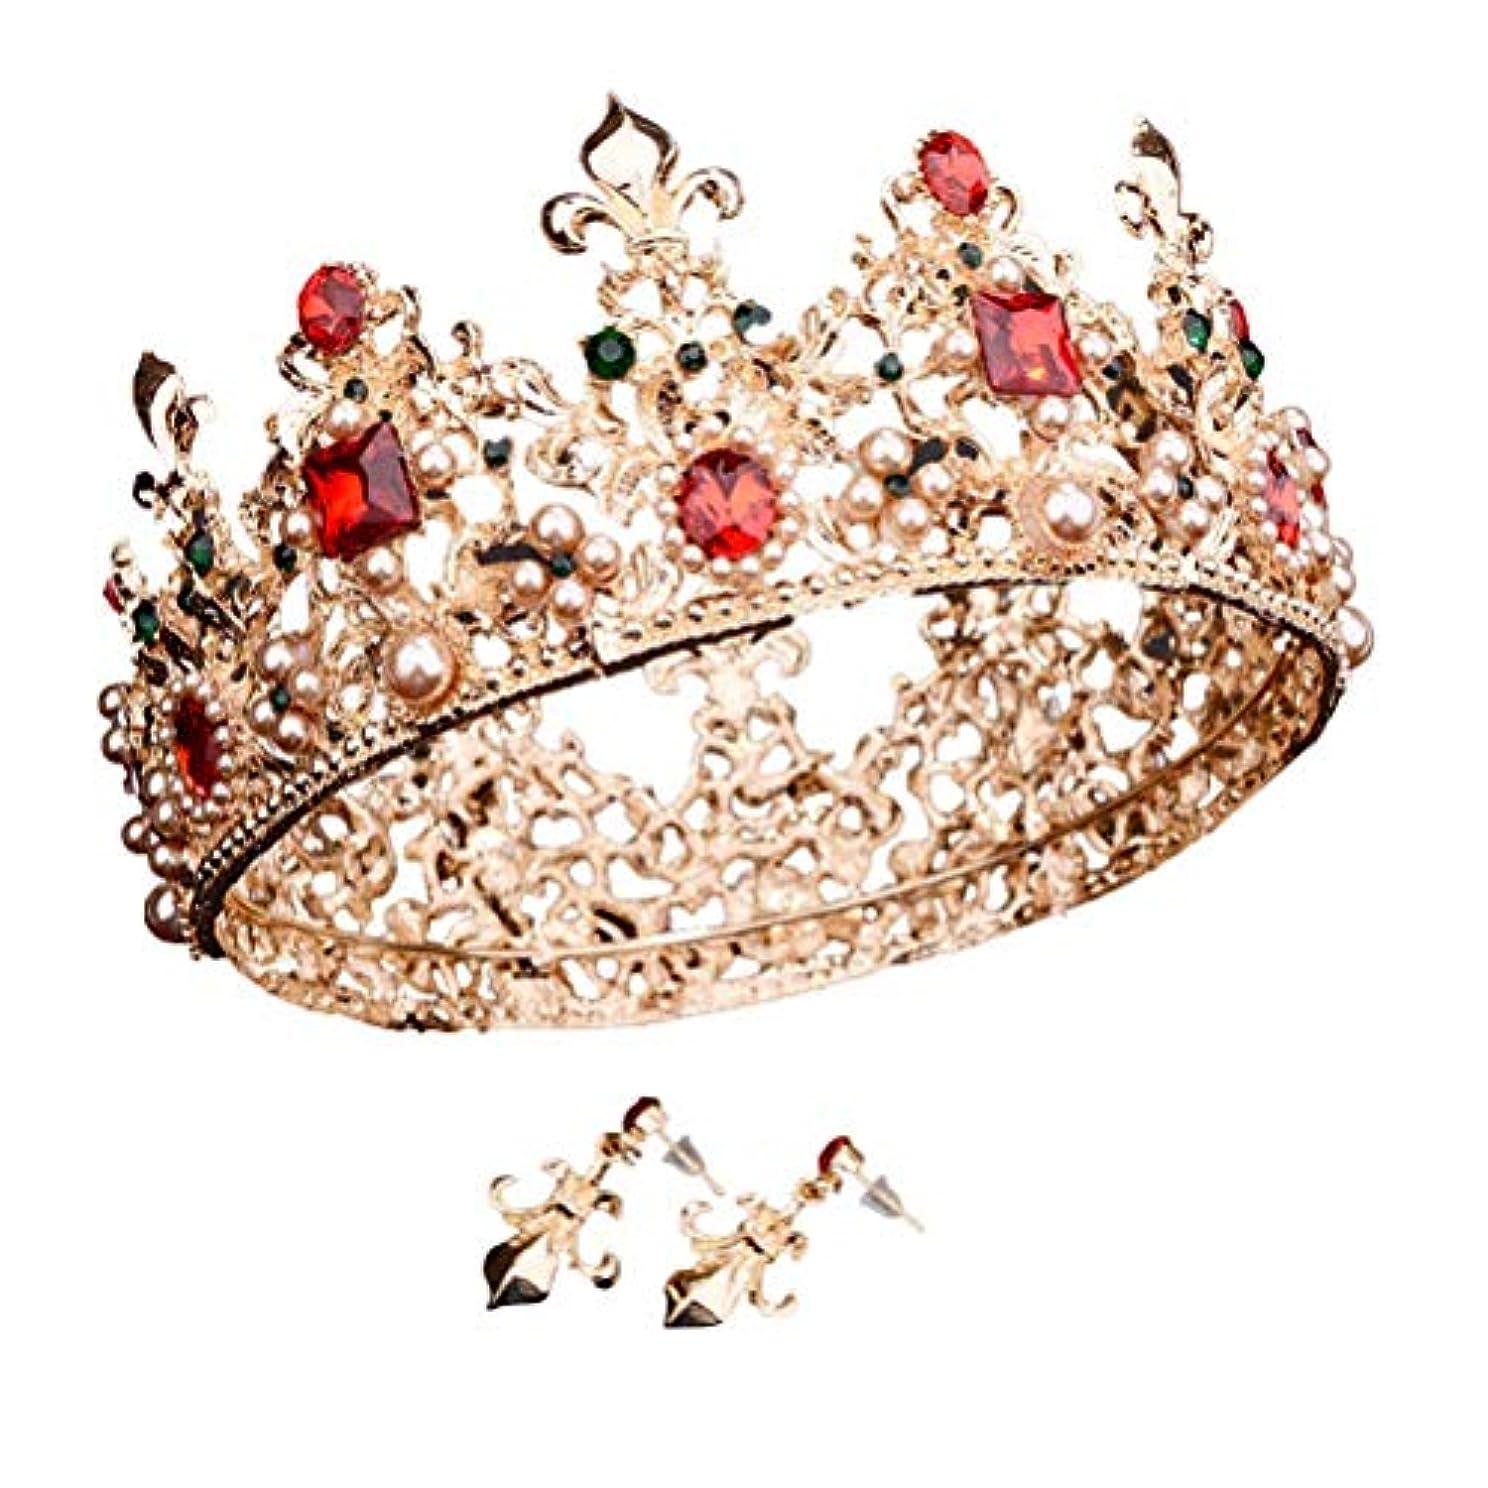 破壊的な最後の政策Beaupretty 女性のためのバロック女王クラウンラインストーンの結婚式の冠とティアライヤリング付きヘアアクセサリー結婚式のかぶと